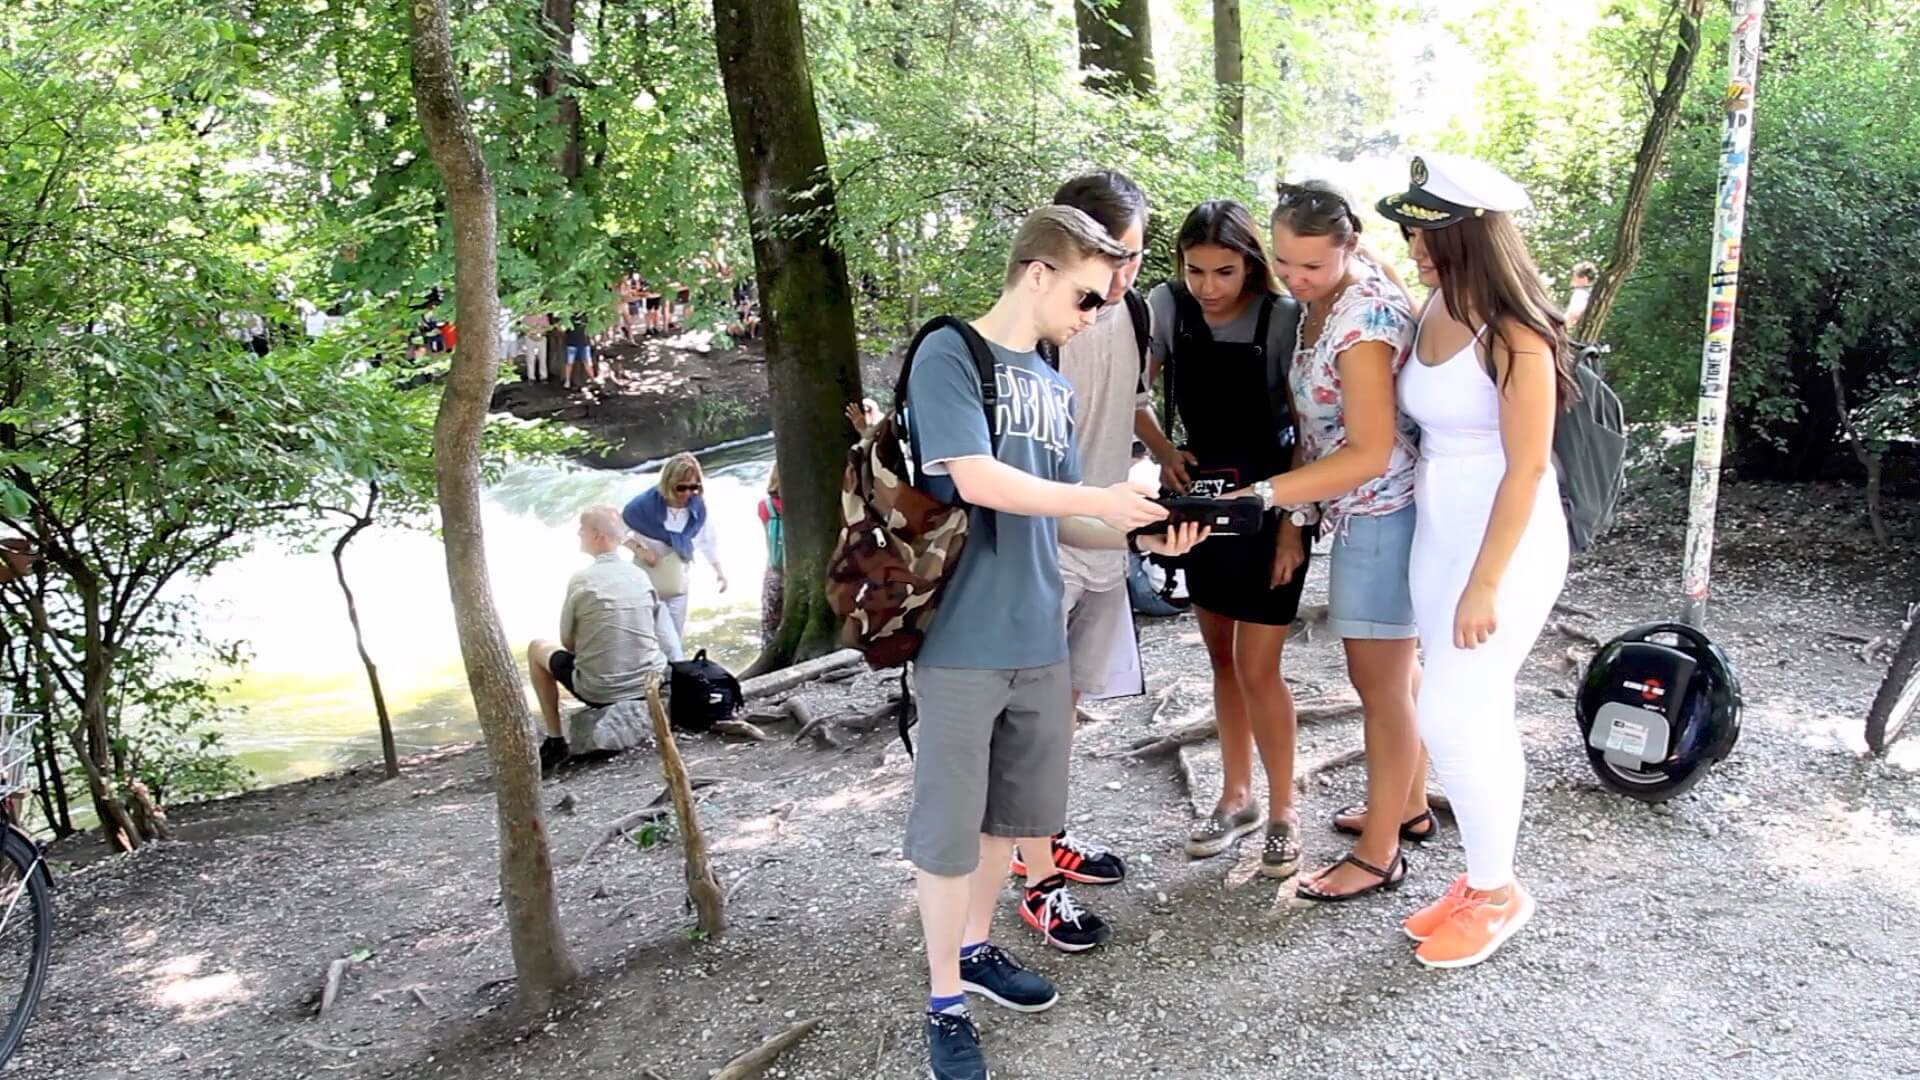 interlaken-mystery-rooms-raetsel-sommer-team